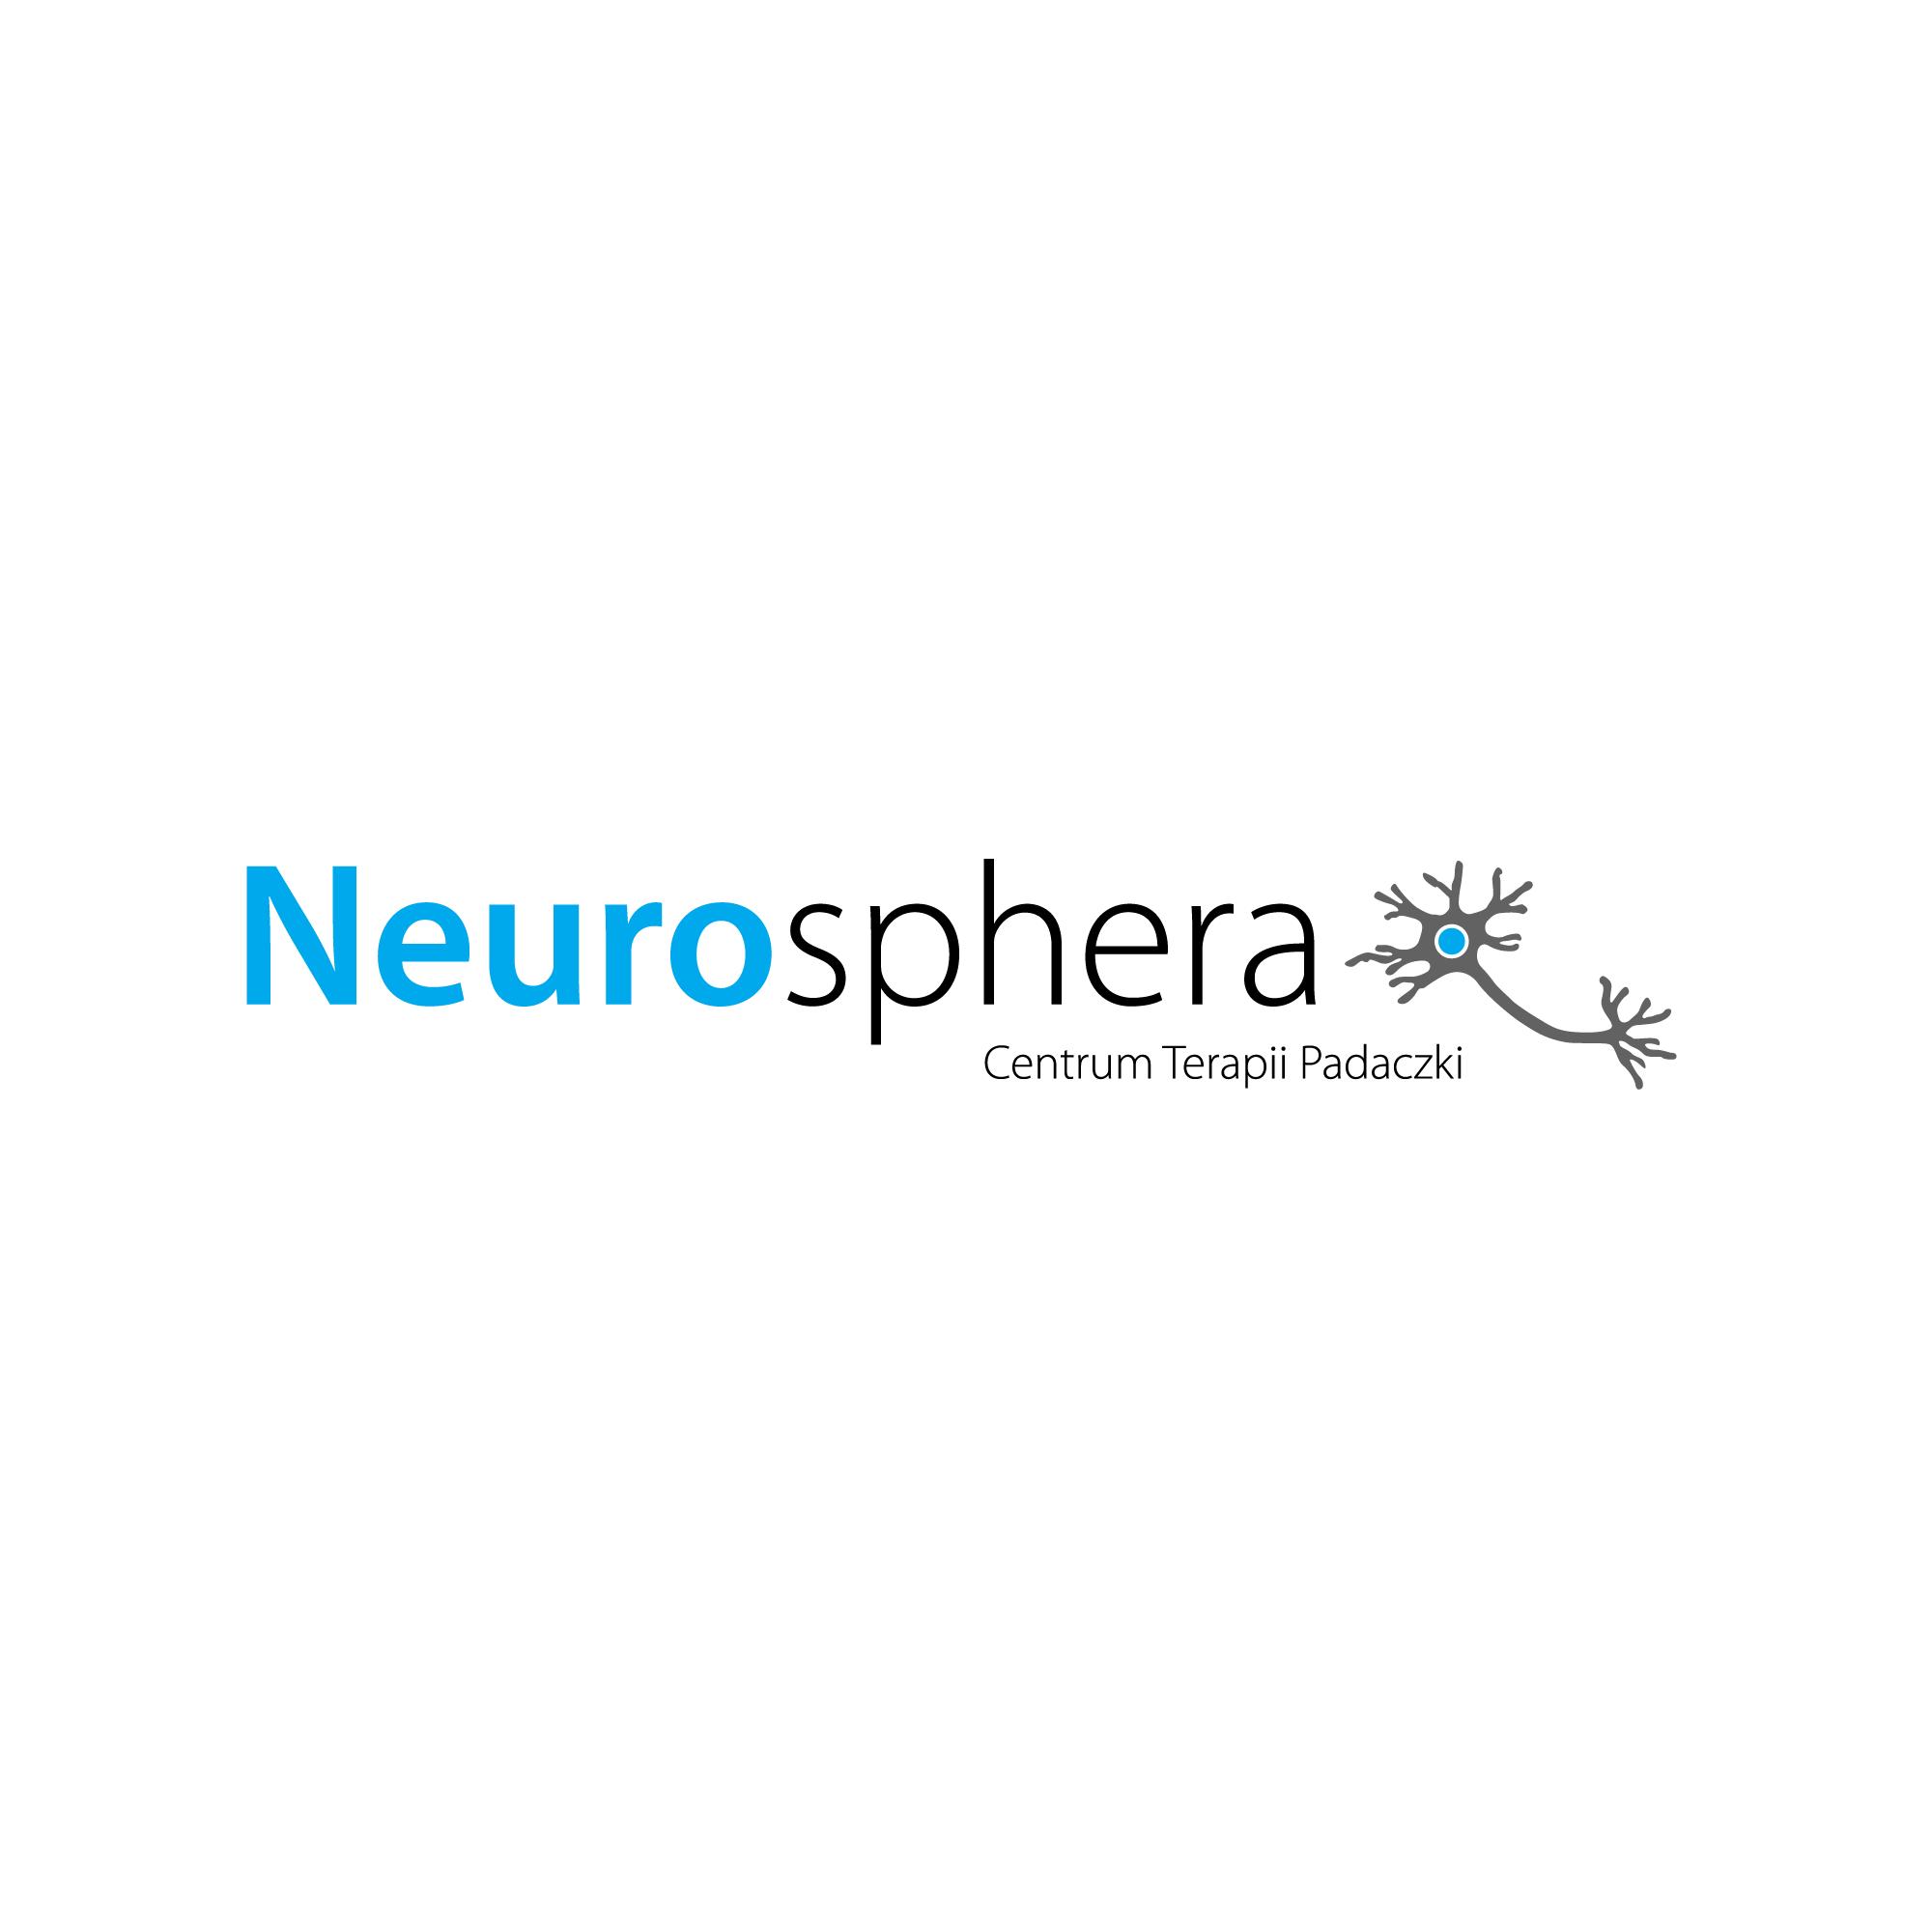 Centrum Terapii Padaczki NEUROSPHERA